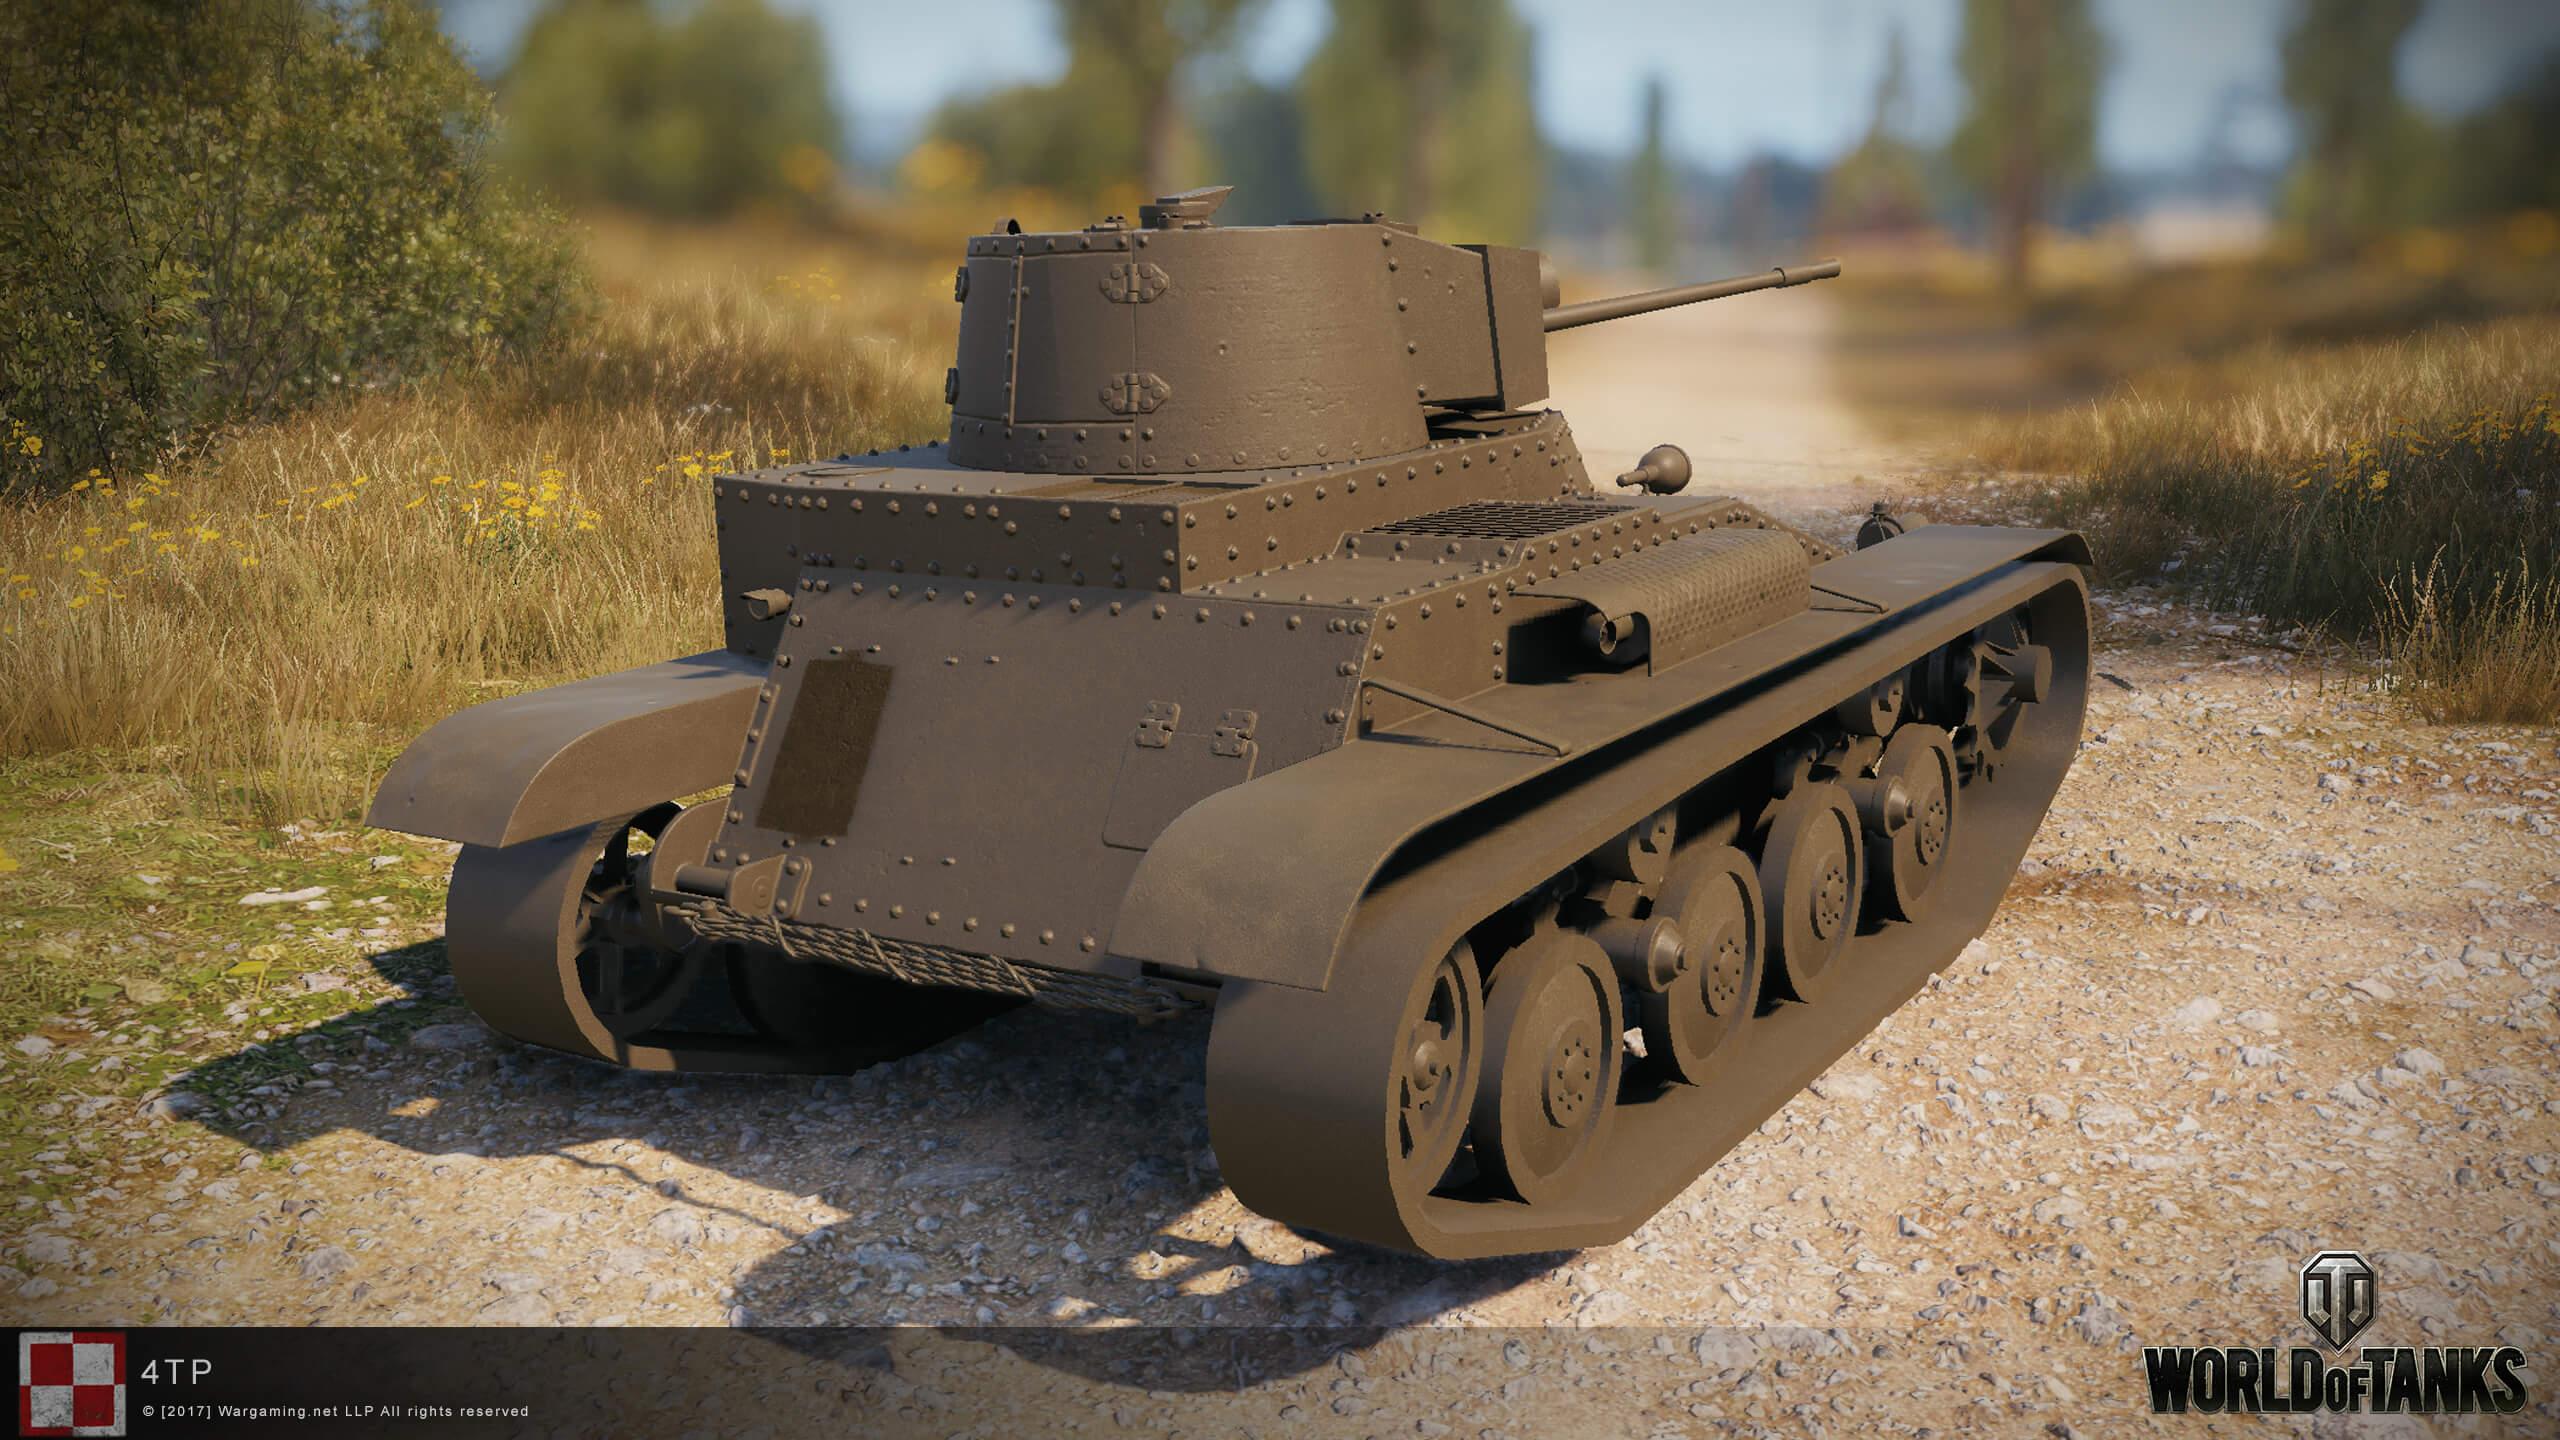 Польский танк 4TP